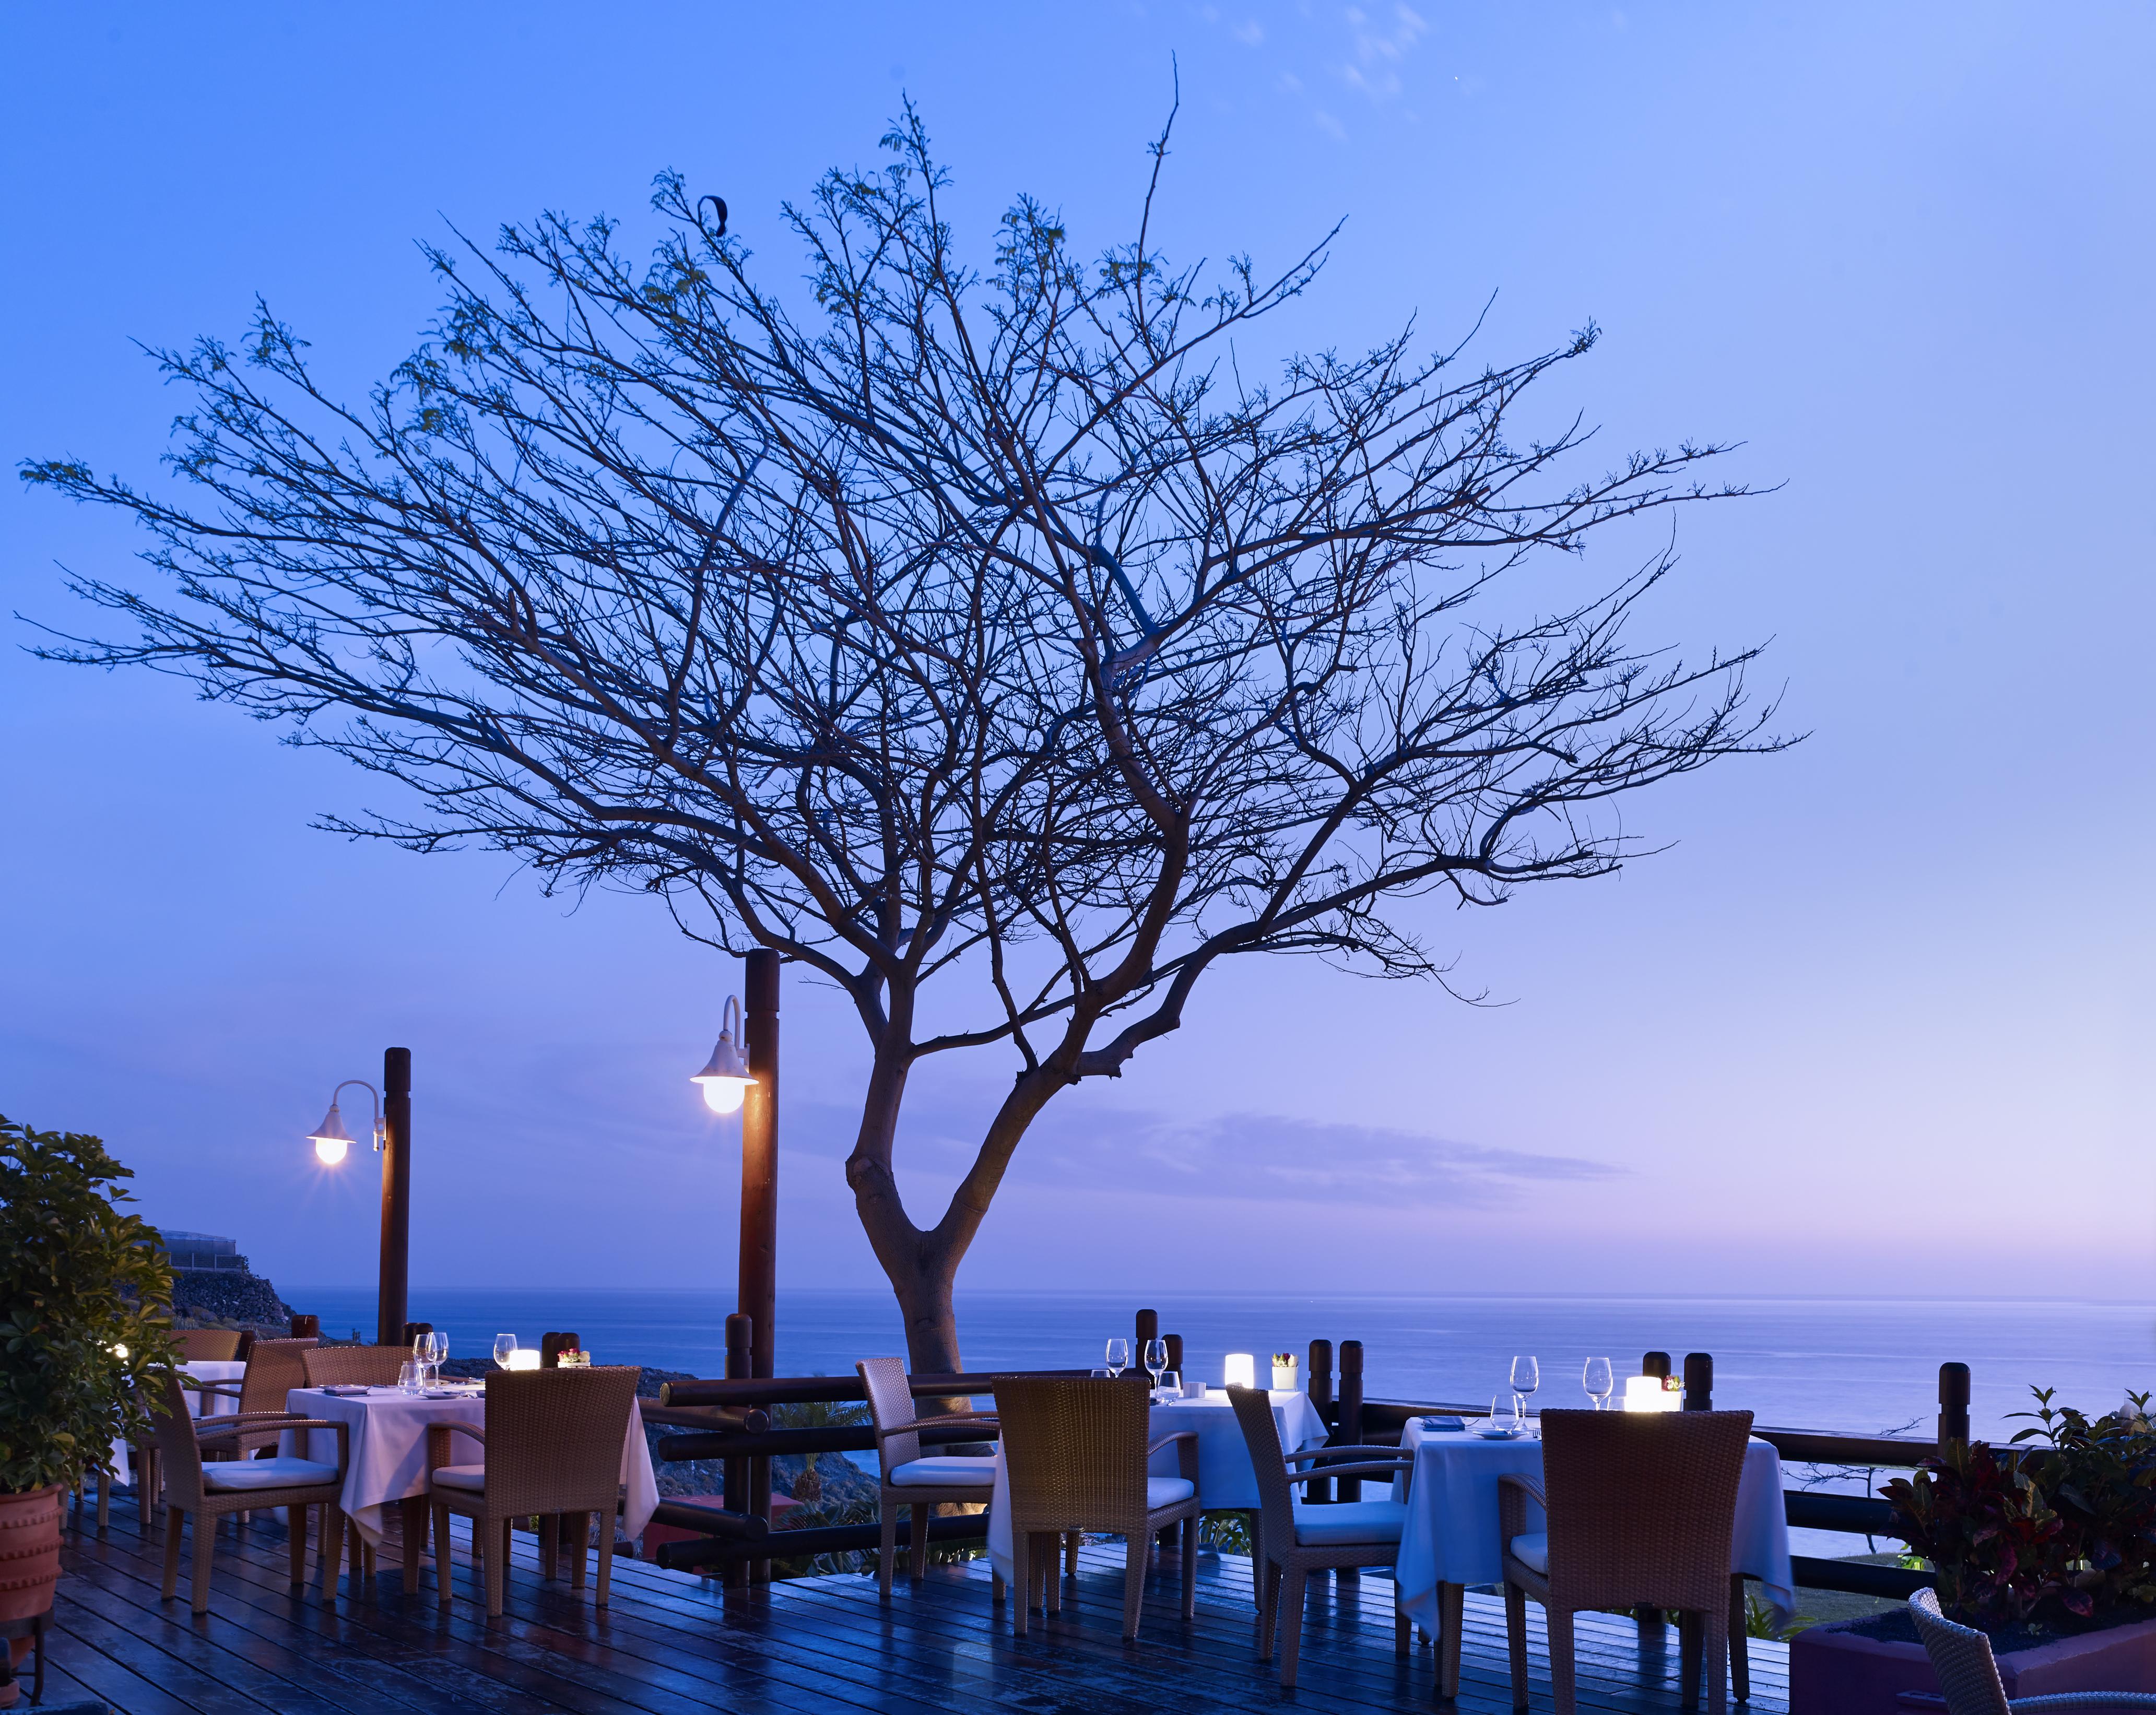 el_mirador_restaurant_terrace_-_twilight